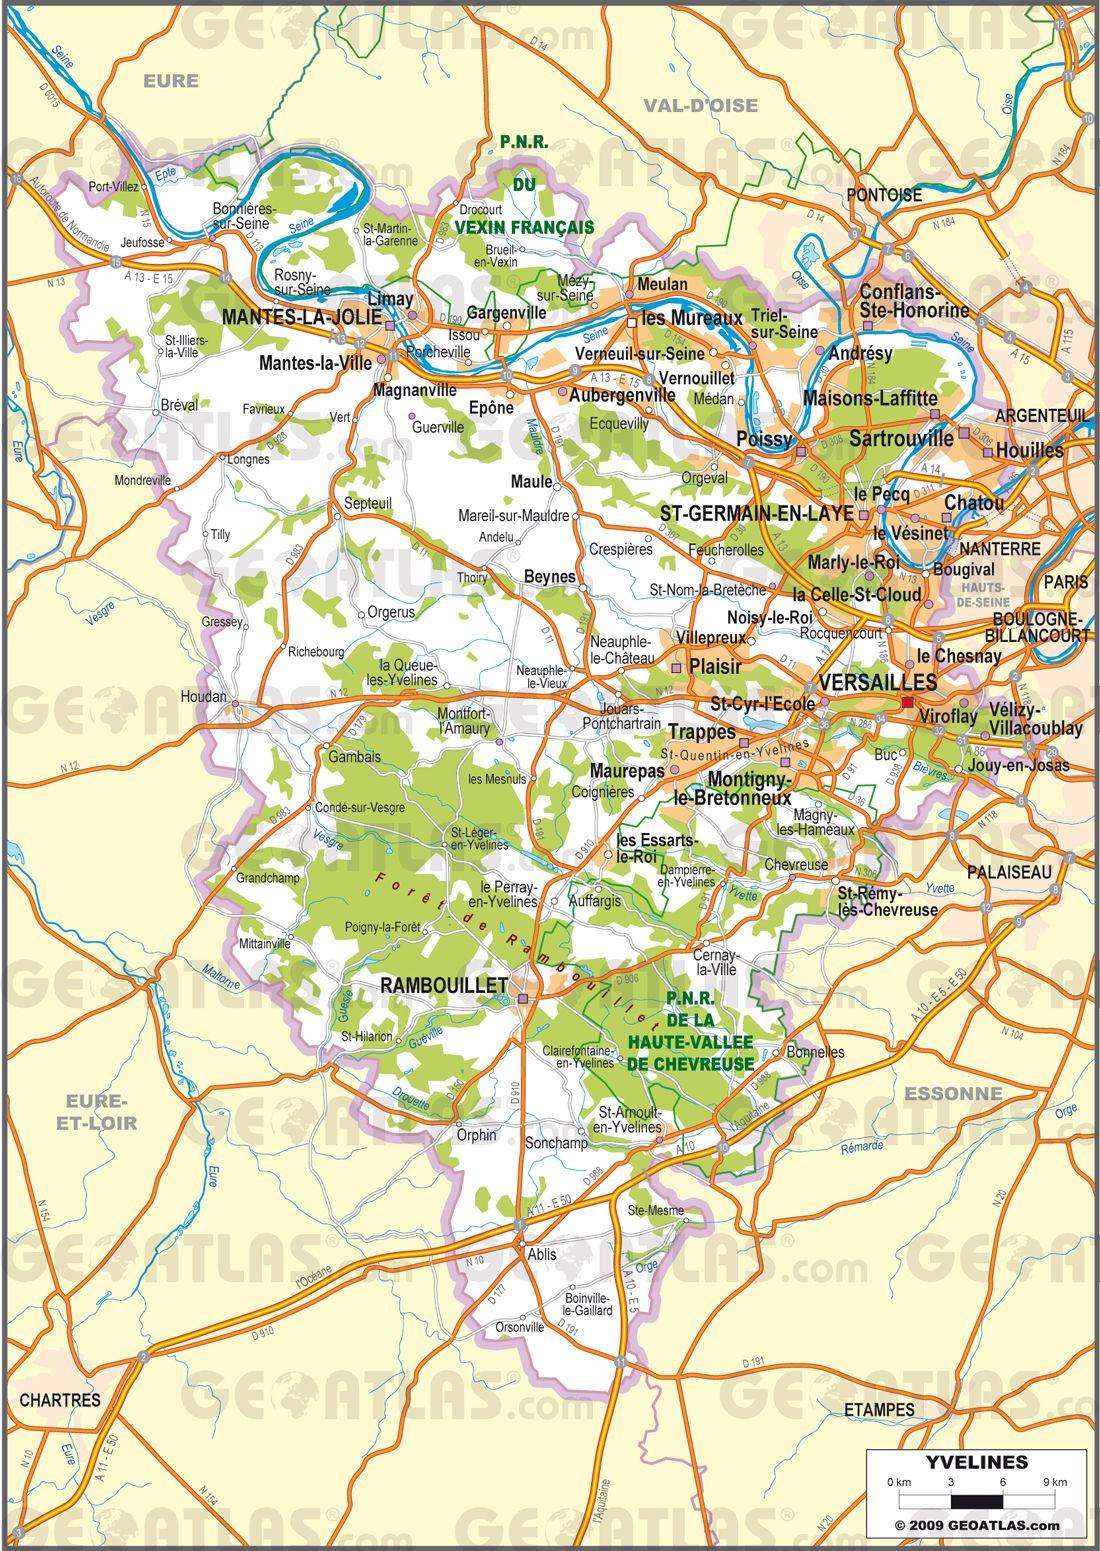 Carte routière des Yvelines